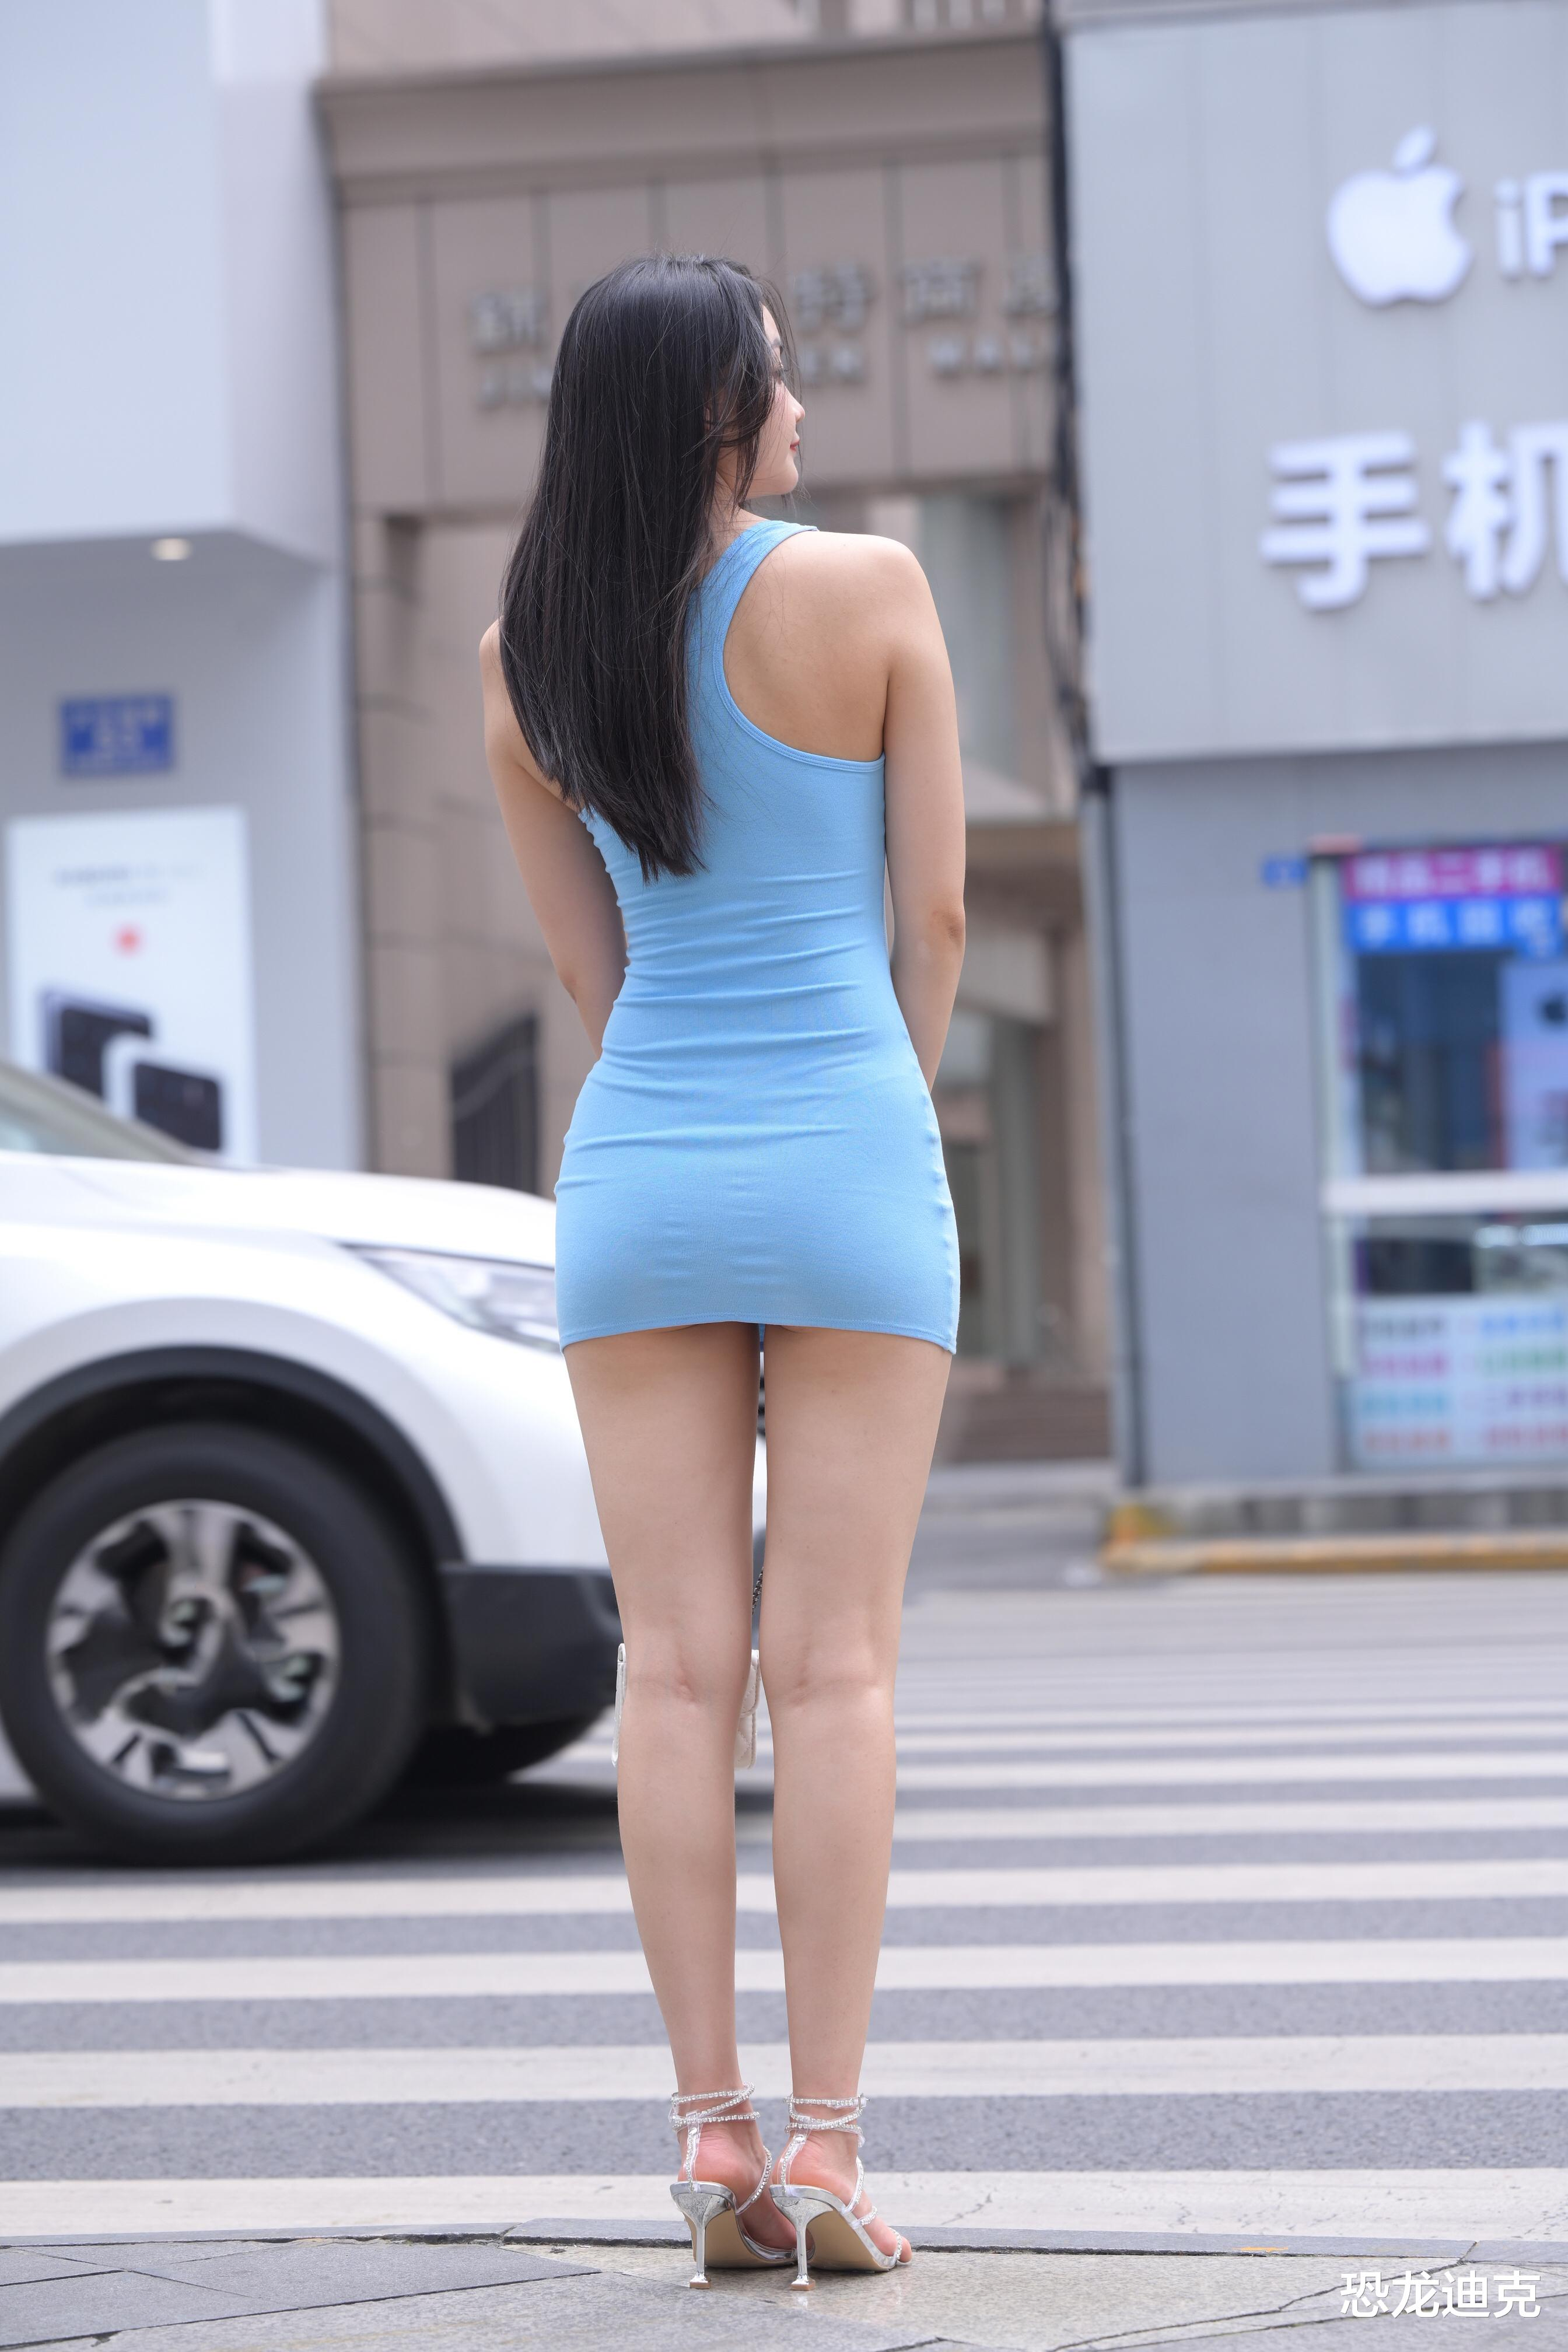 娱乐新闻头条_炎炎夏日,穿一条紧身超短连衣裙,既省去了搭配的烦恼,又可以穿出清凉和性感